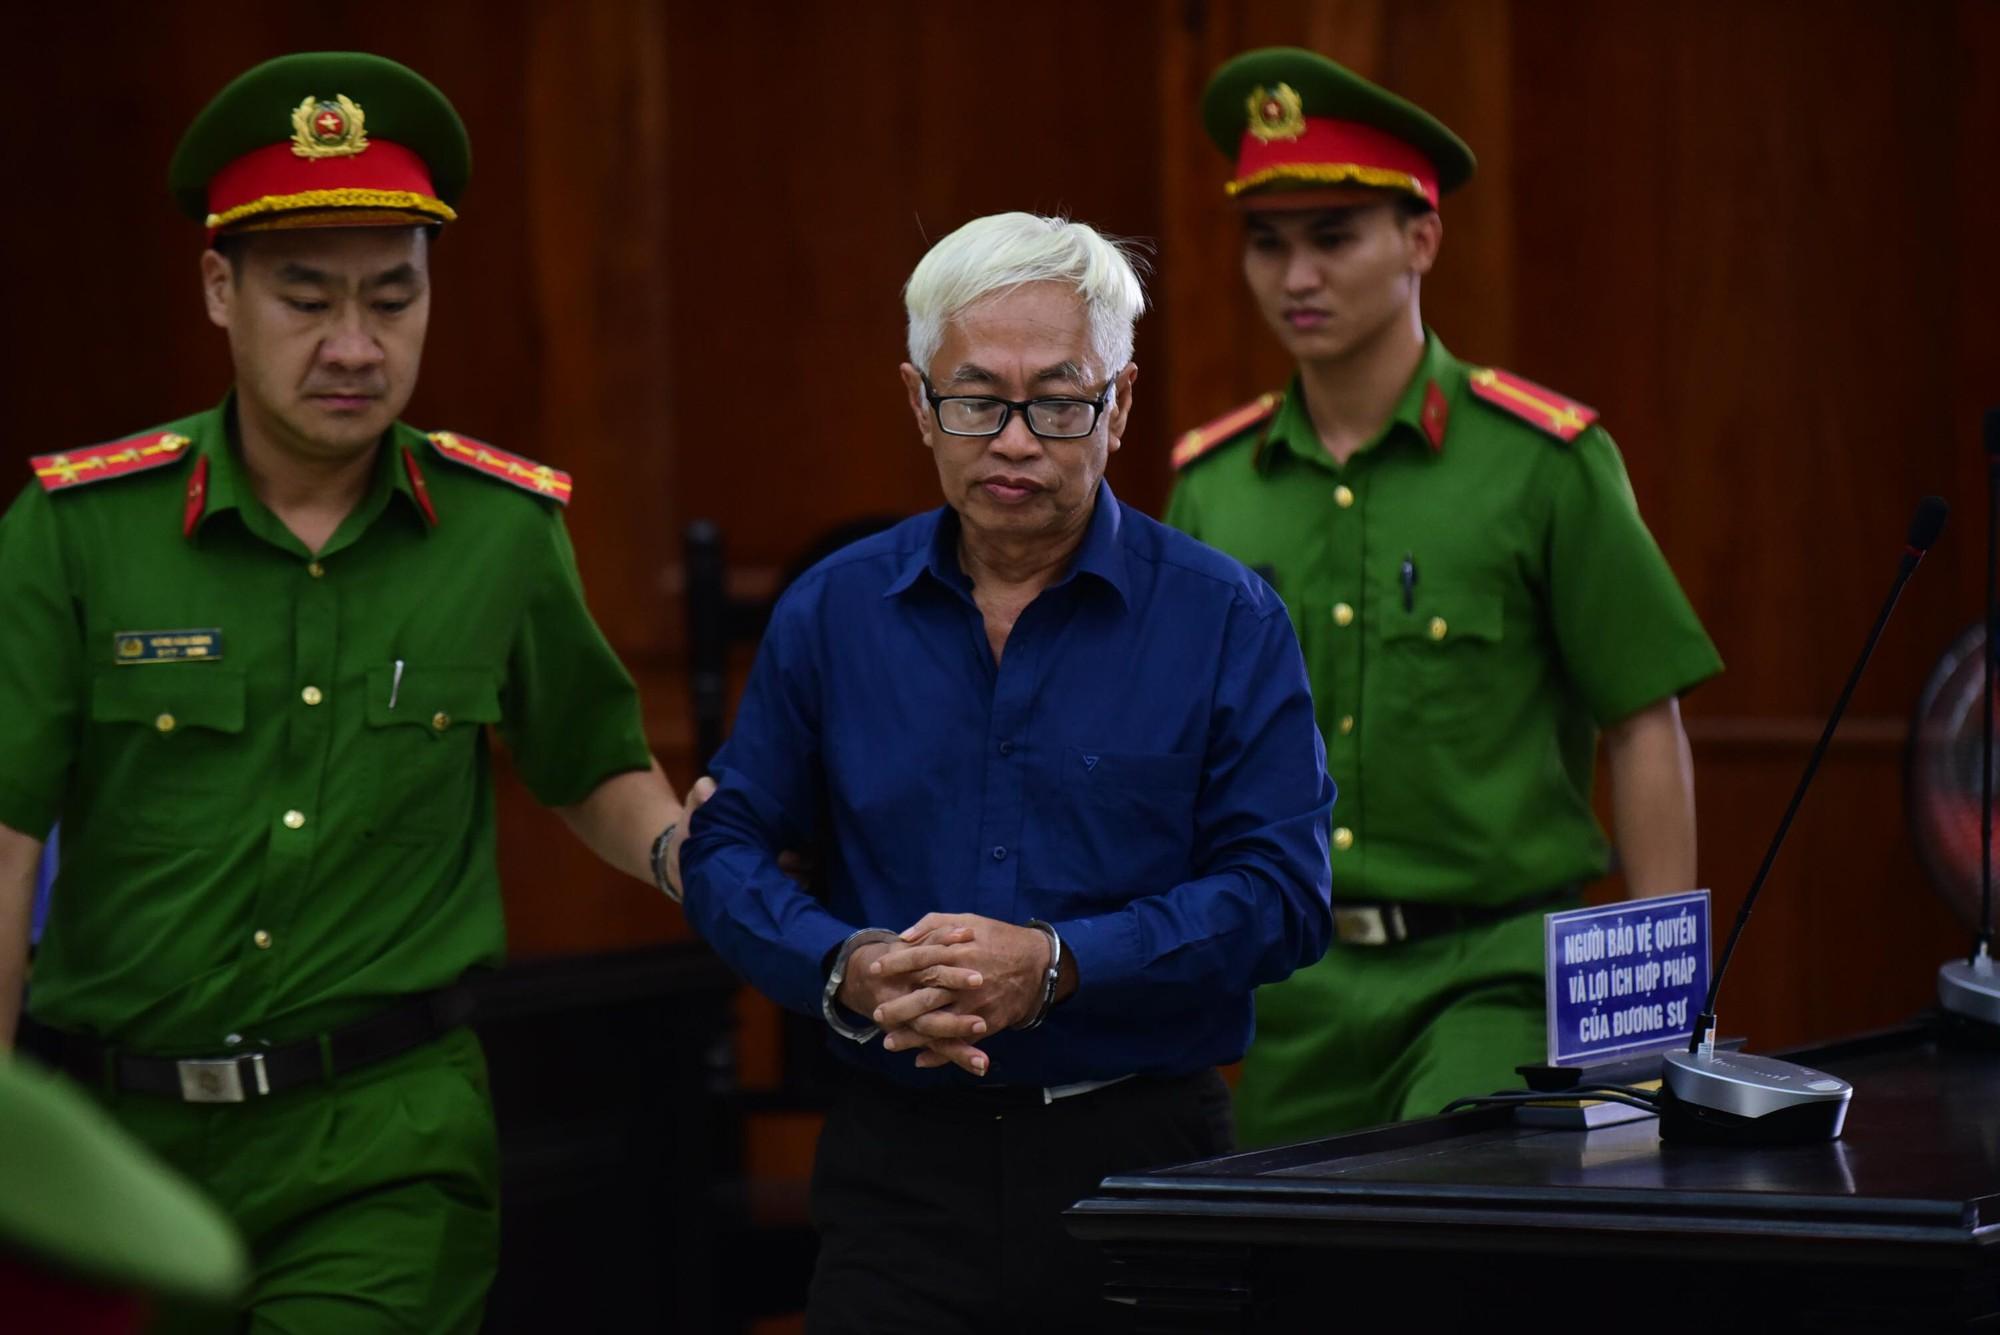 Vũ nhôm tươi cười dù kêu oan bất thành trong đại án 3.600 tỉ ở ngân hàng Đông Á - Ảnh 3.